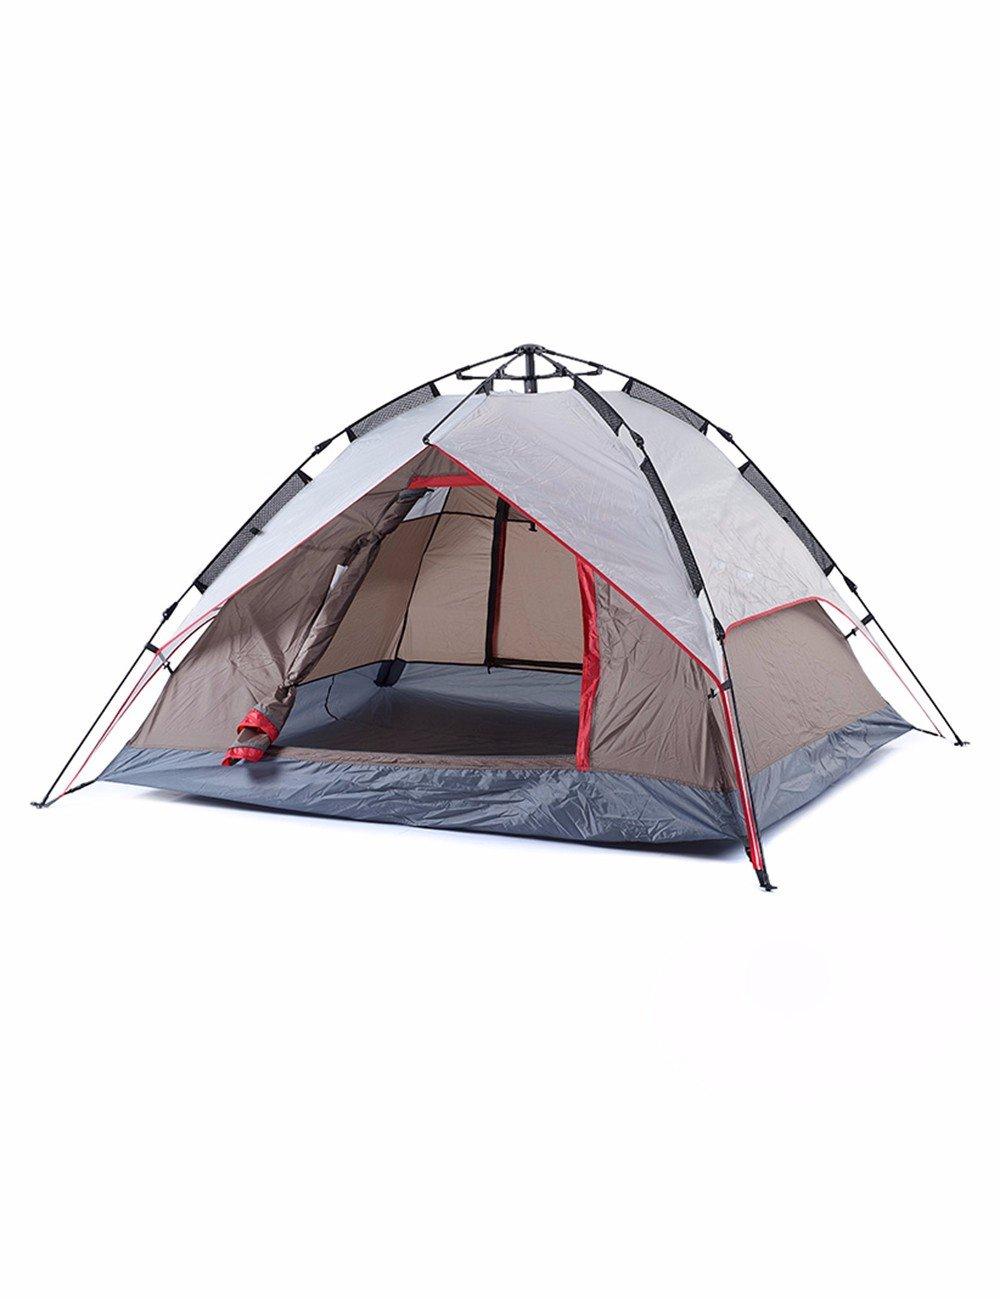 SJQKA-Outdoor 3-4 Voll automatische Zelt, die Familie auf Doppel Zelt, Regen Zeltstoffe